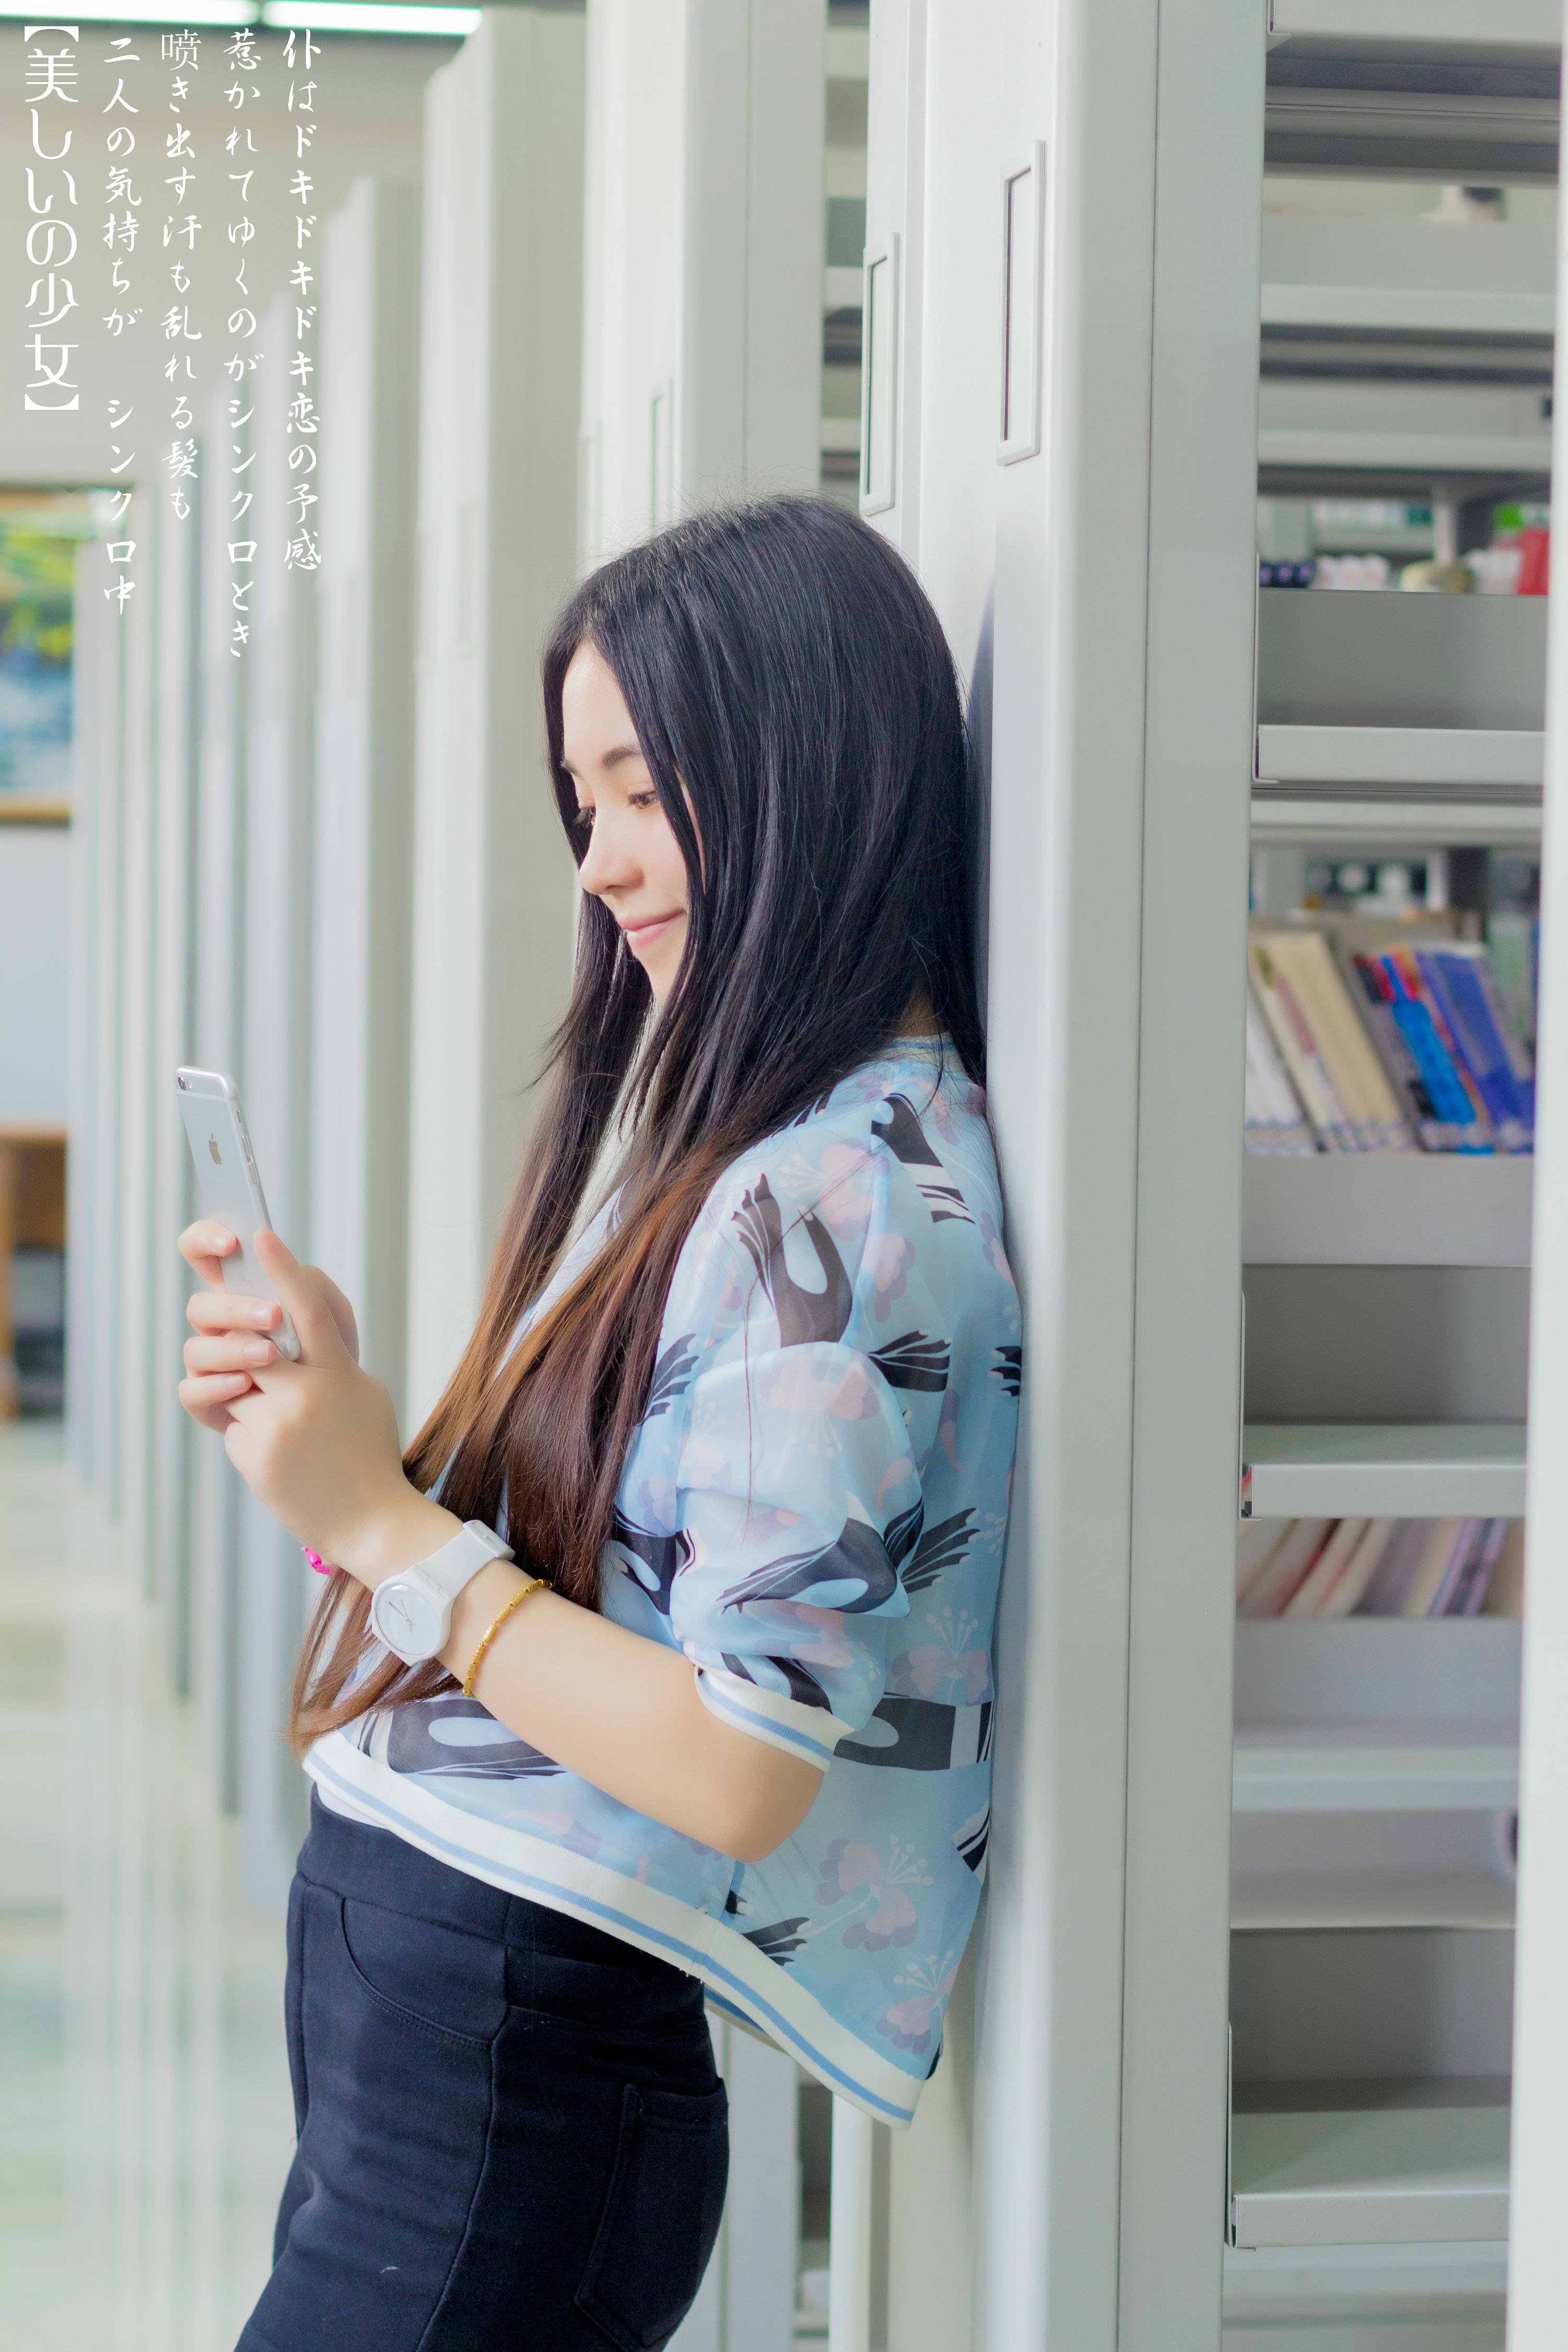 【图书馆の美少女】|摄影|人像|luran7 - 原创作品图片